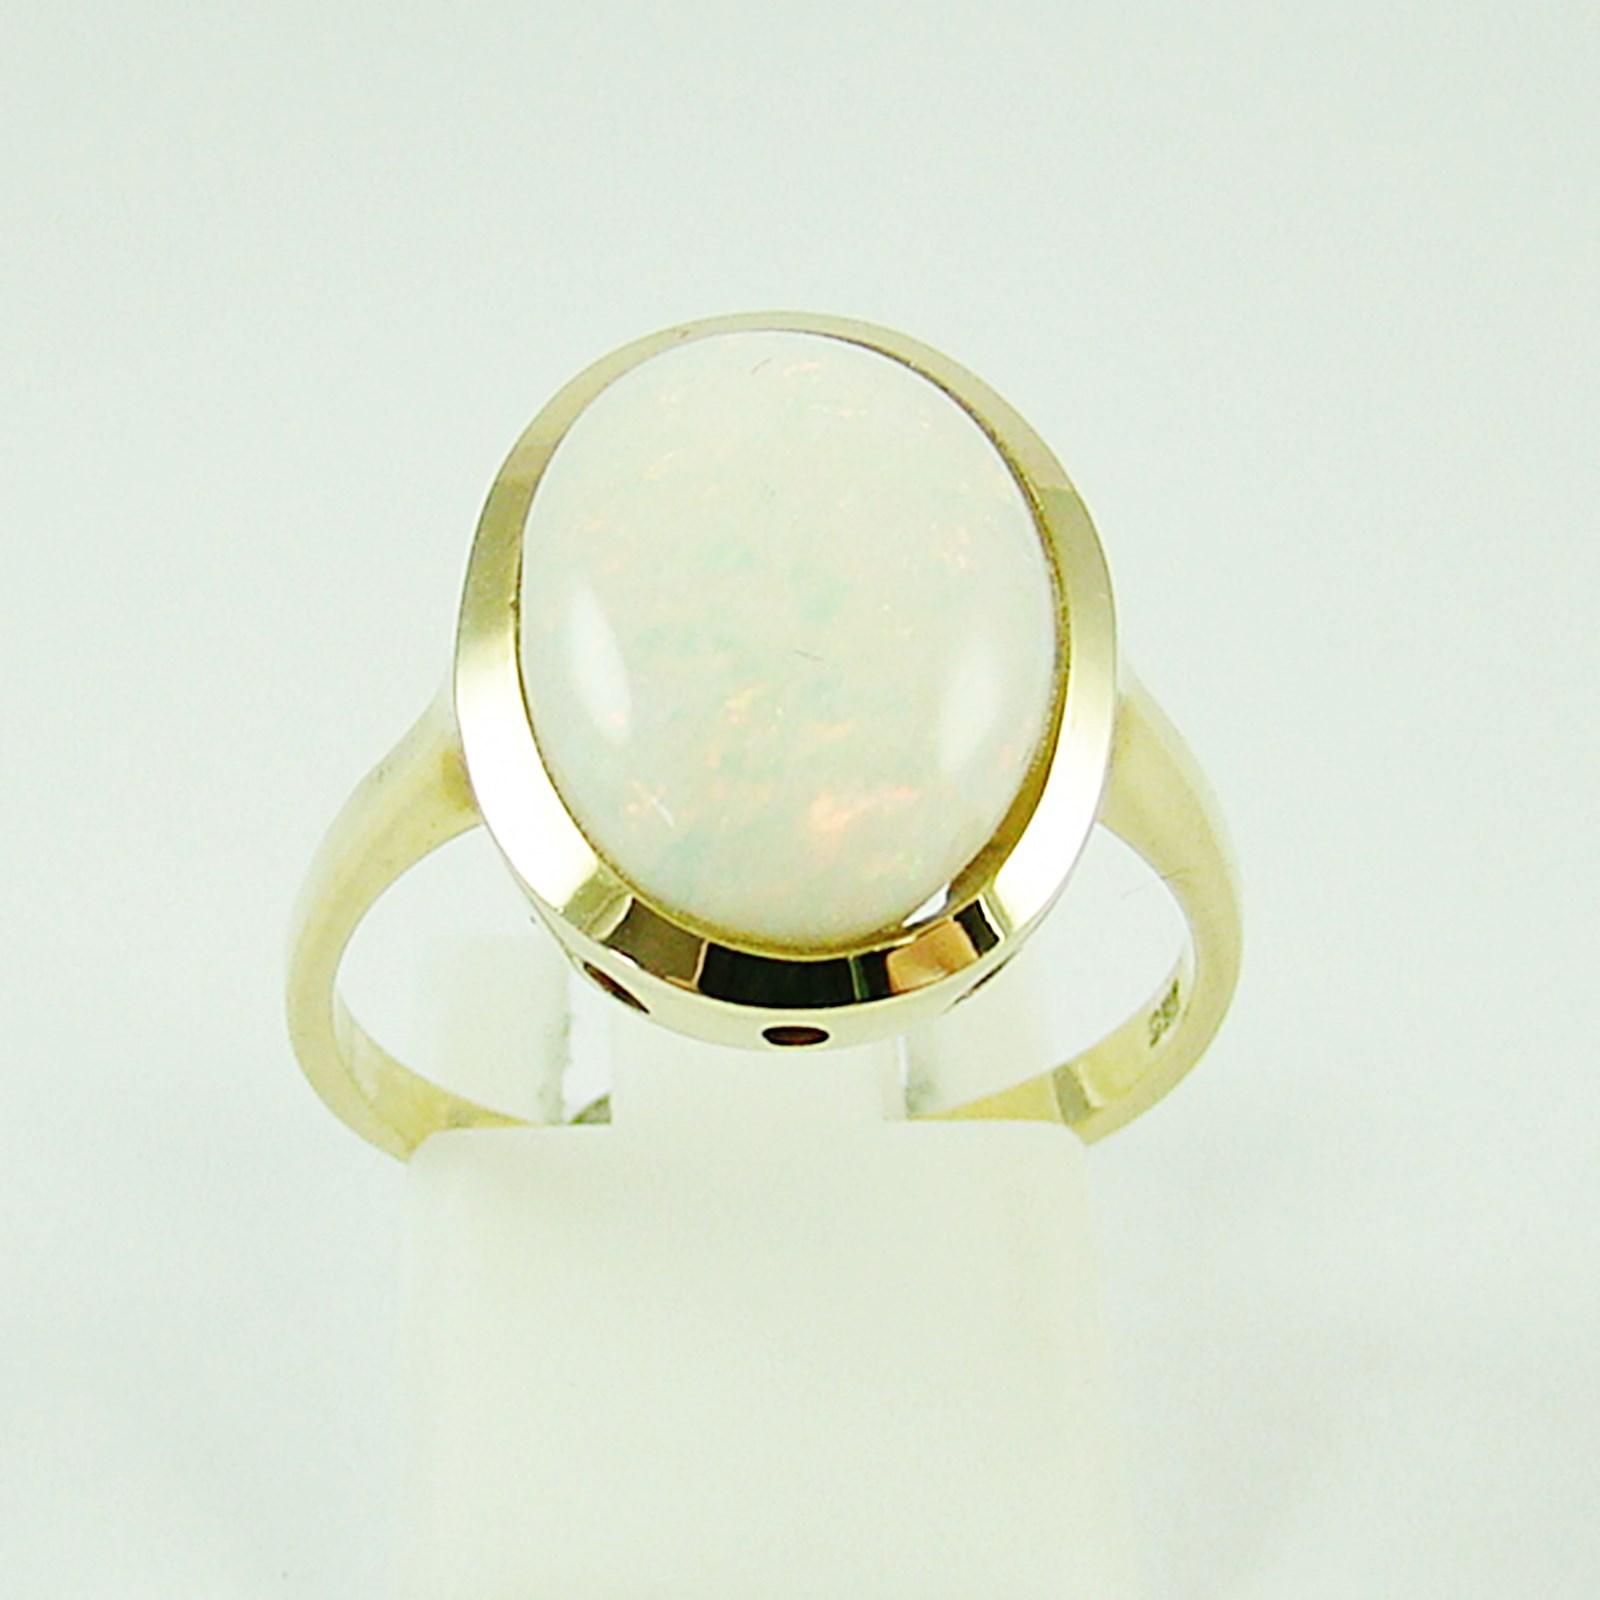 ring gold 585 wei er opal goldringe 14 kt ebay. Black Bedroom Furniture Sets. Home Design Ideas